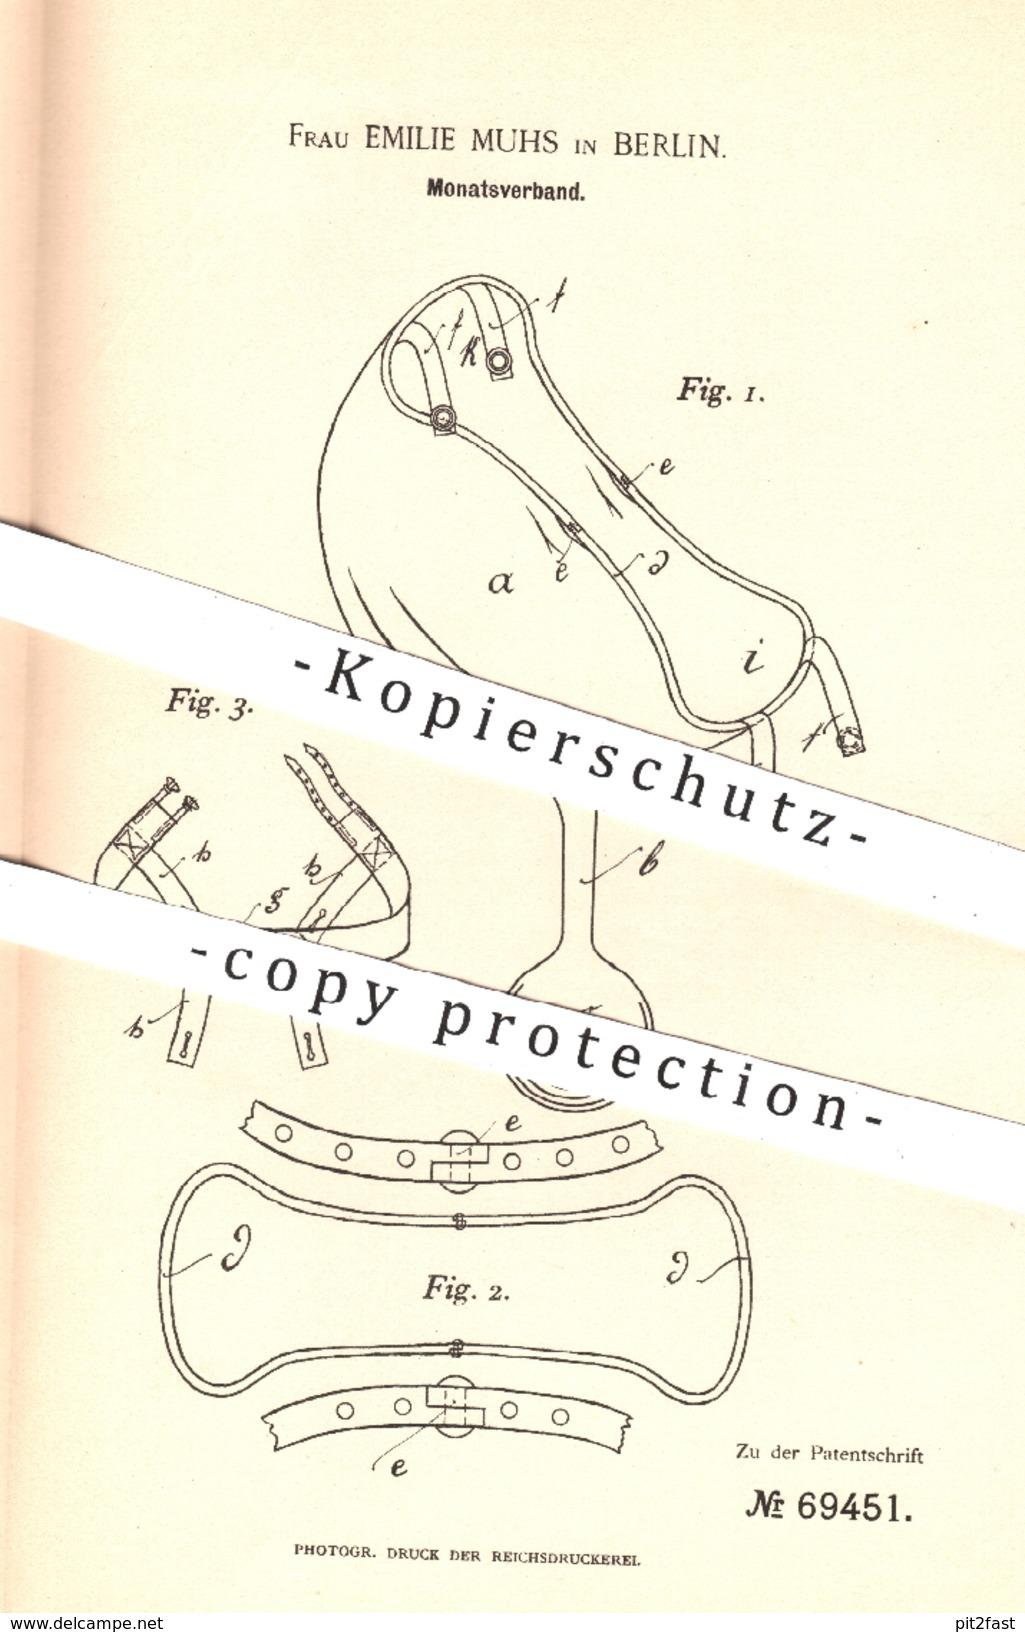 Original Patent - Emilie Muhs , Berlin , 1892 , Monatsverband Für Frauen | Verband , Binde , Hygiene , Medizin !!! - Manuskripte